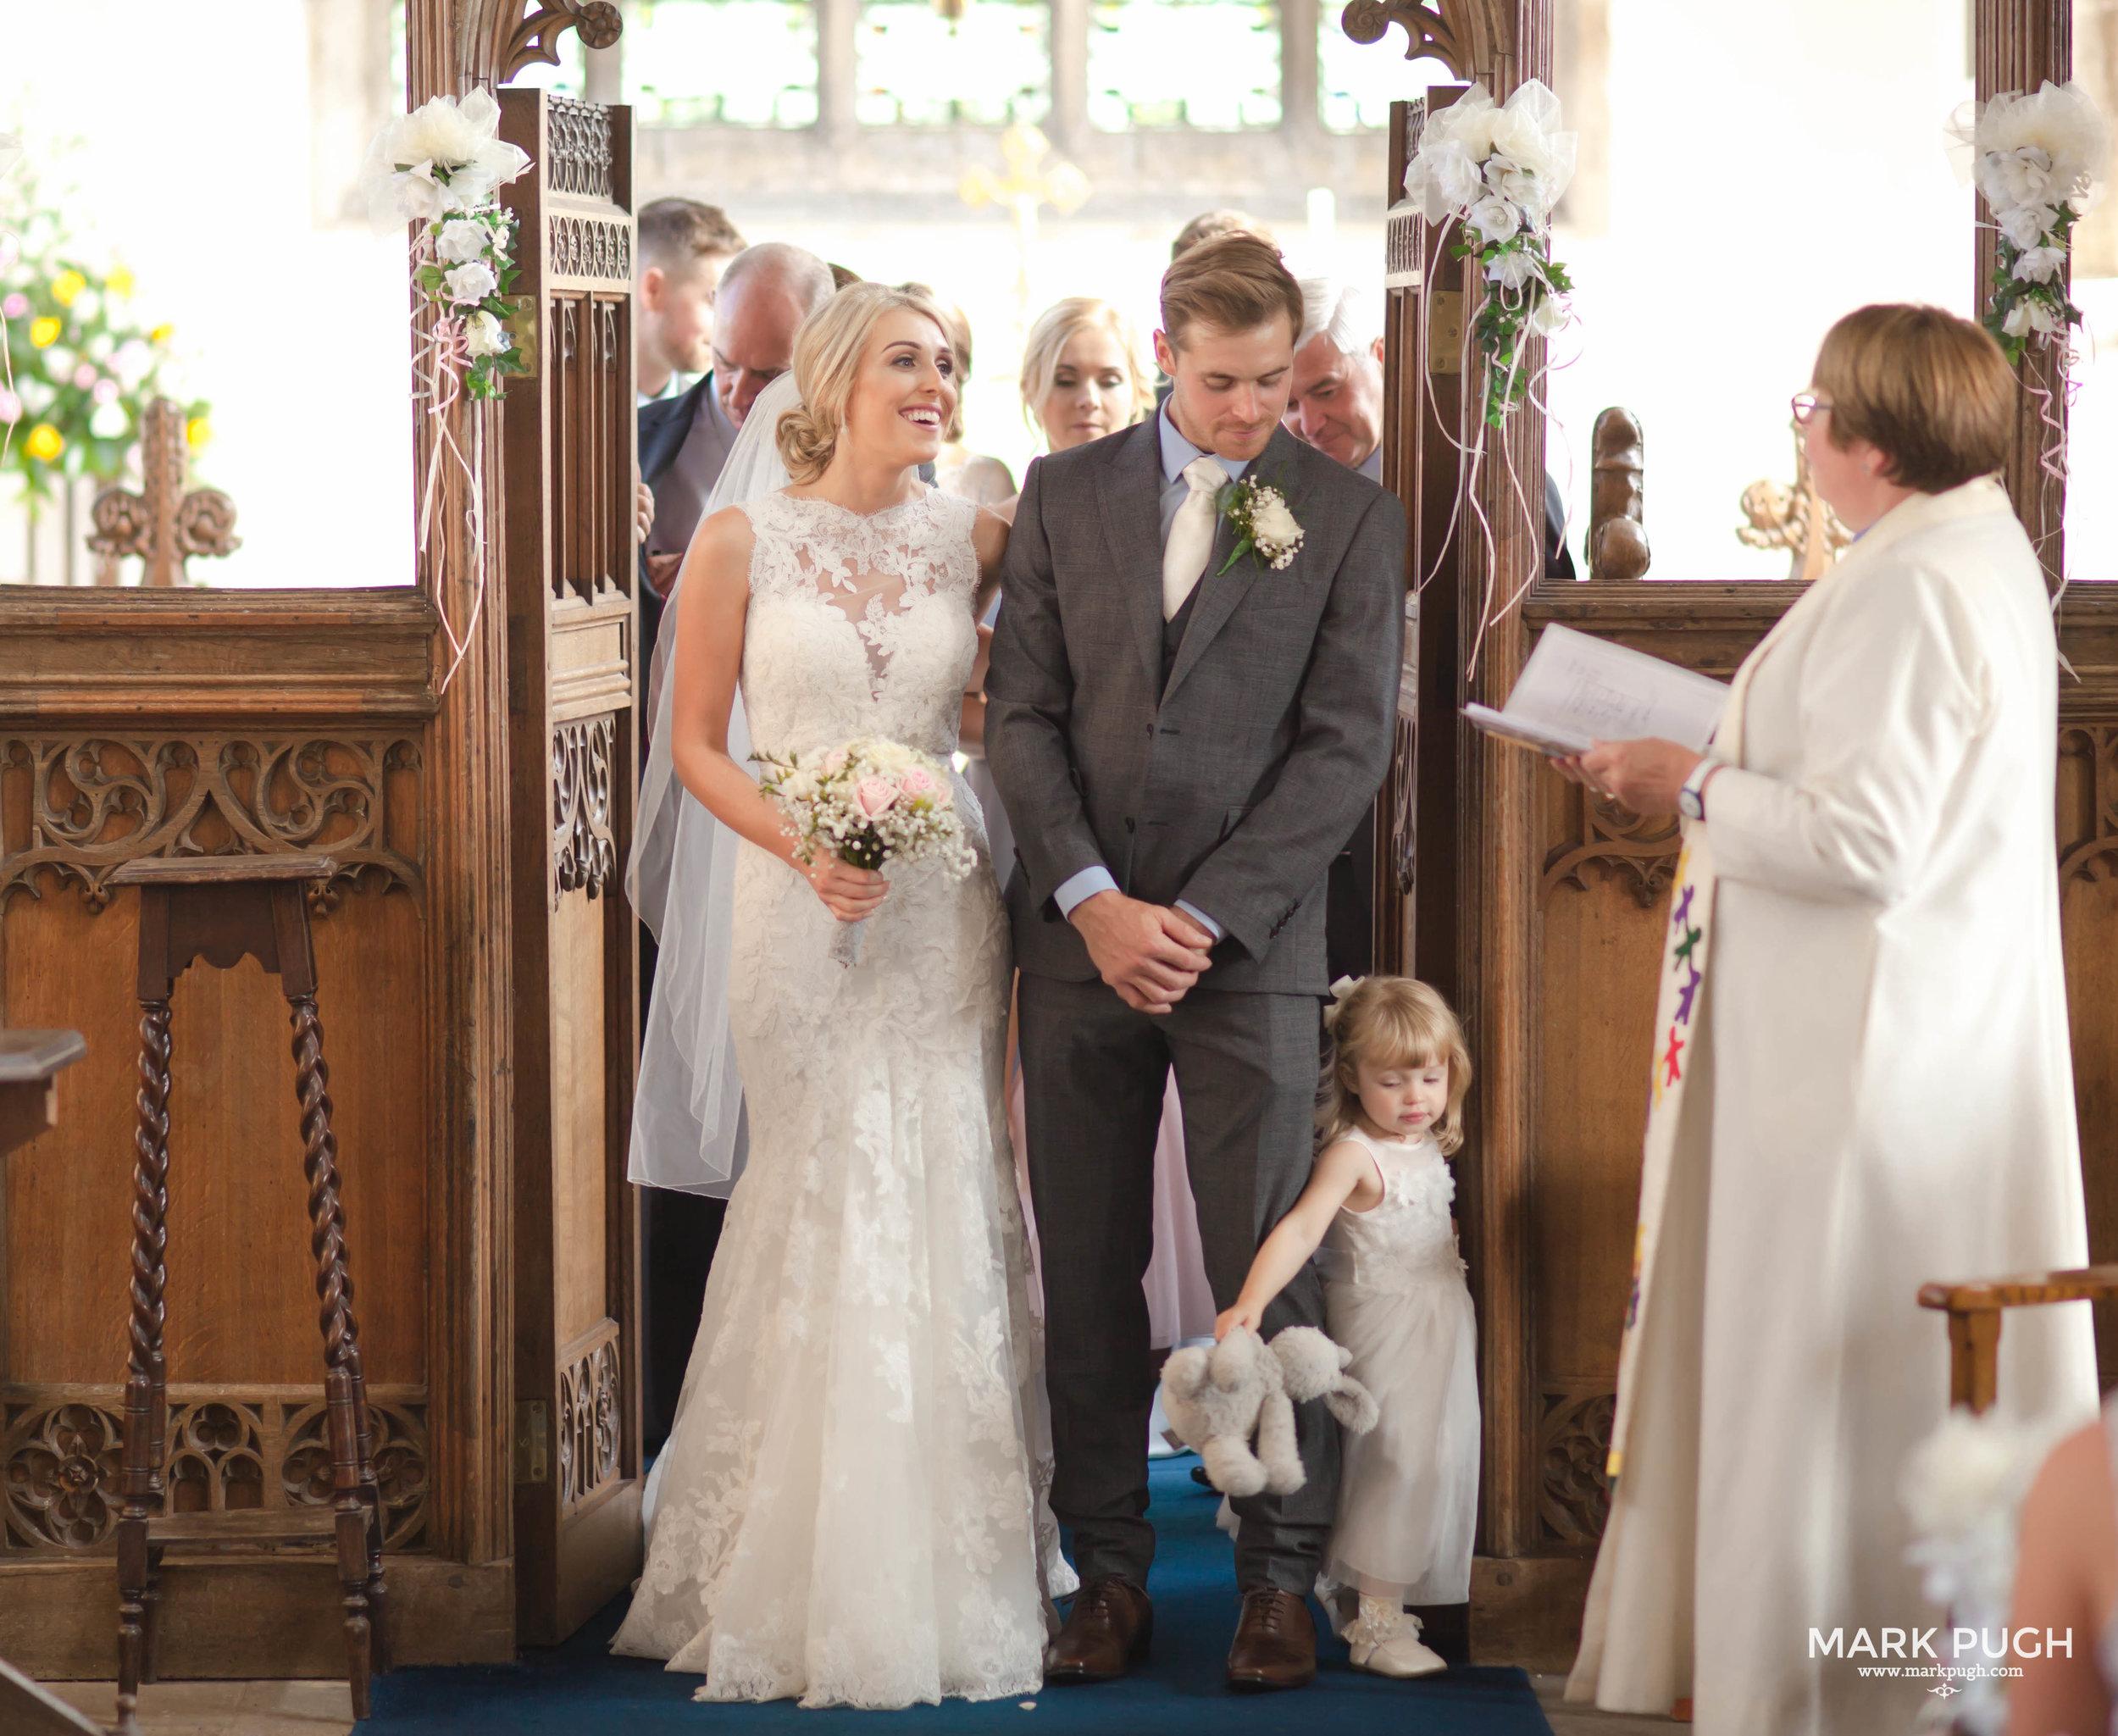 042 - fineART photography by www.markpugh.com Mark Pugh of www.mpmedia.co.uk_.JPG